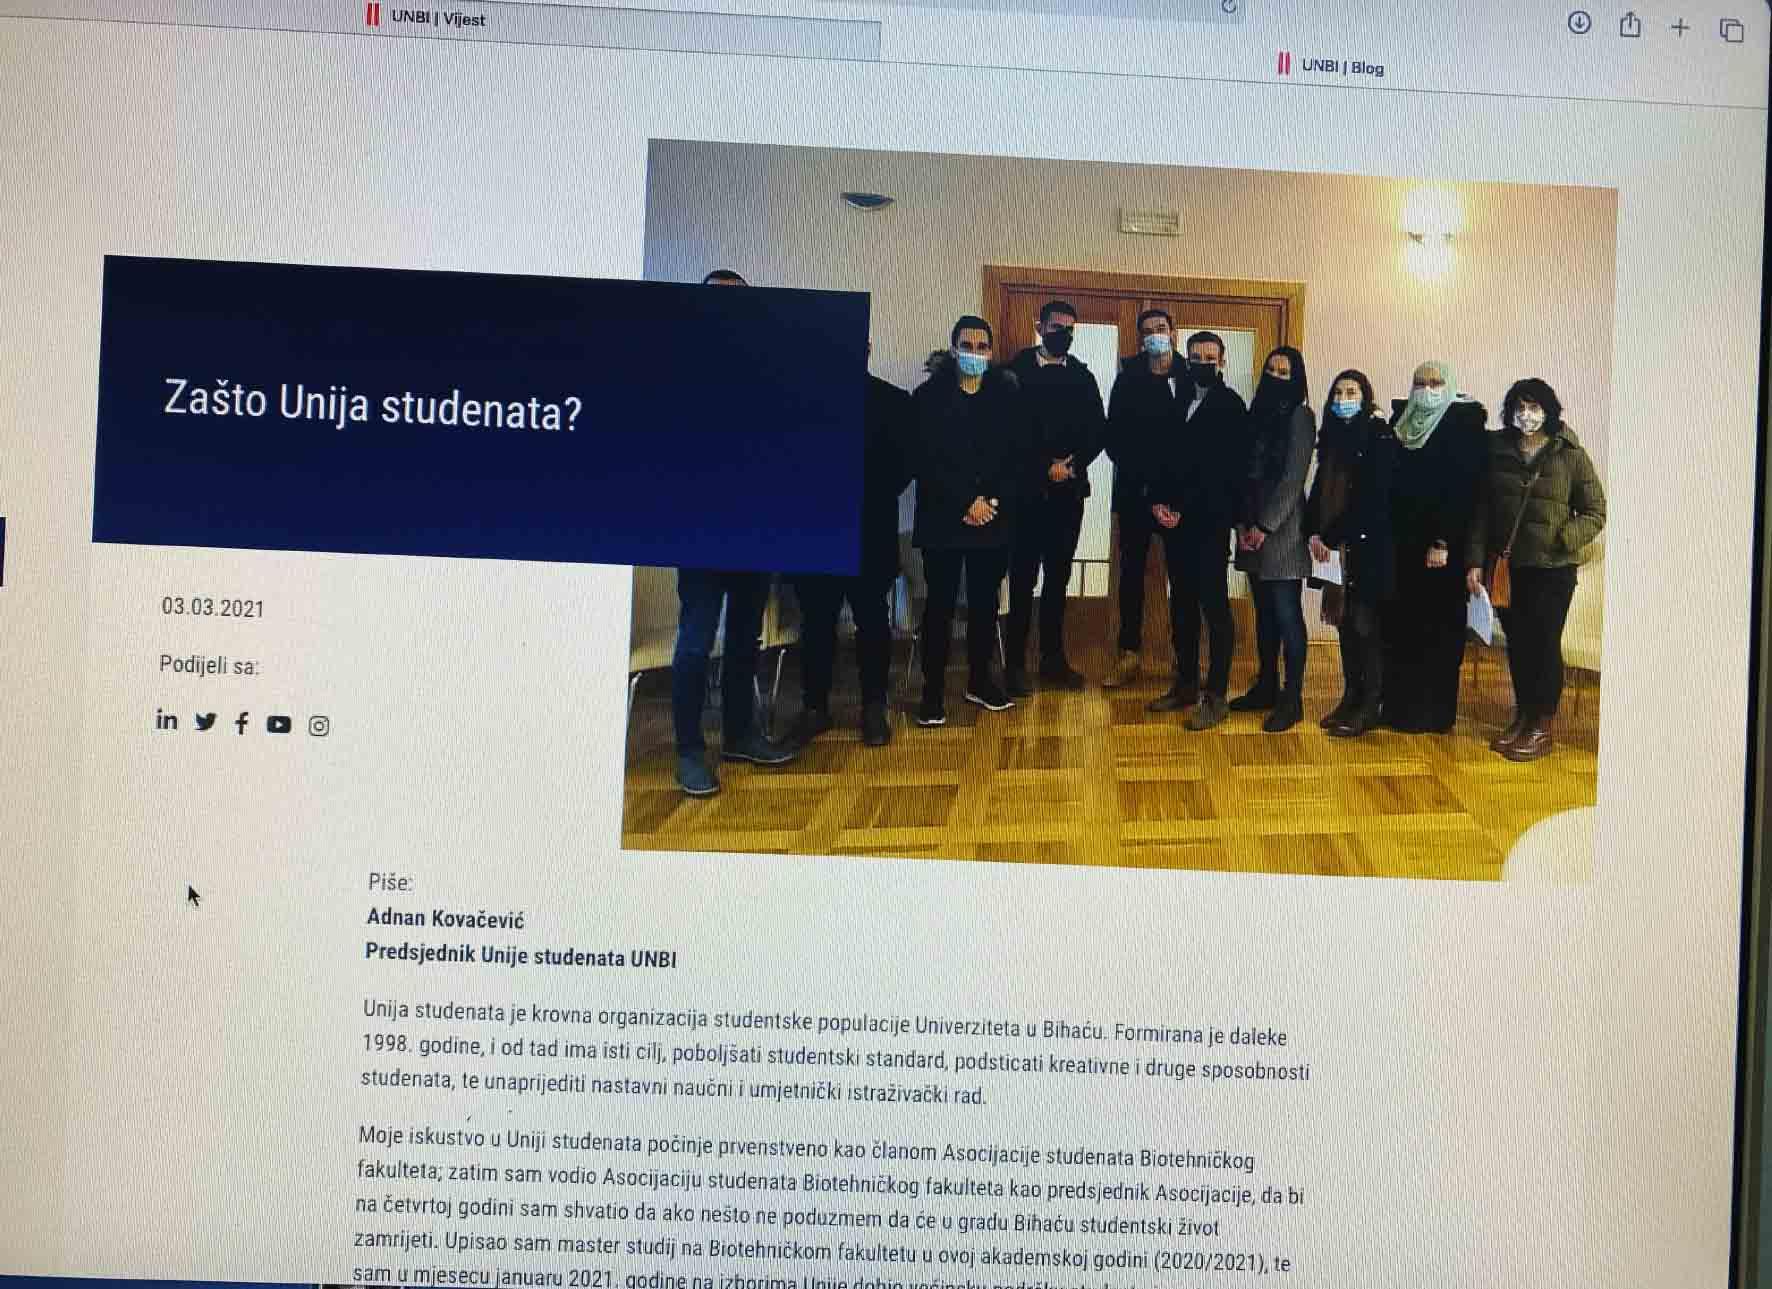 Blog tekst predsjednika Unije studenata UNBI Adnana Kovačevića